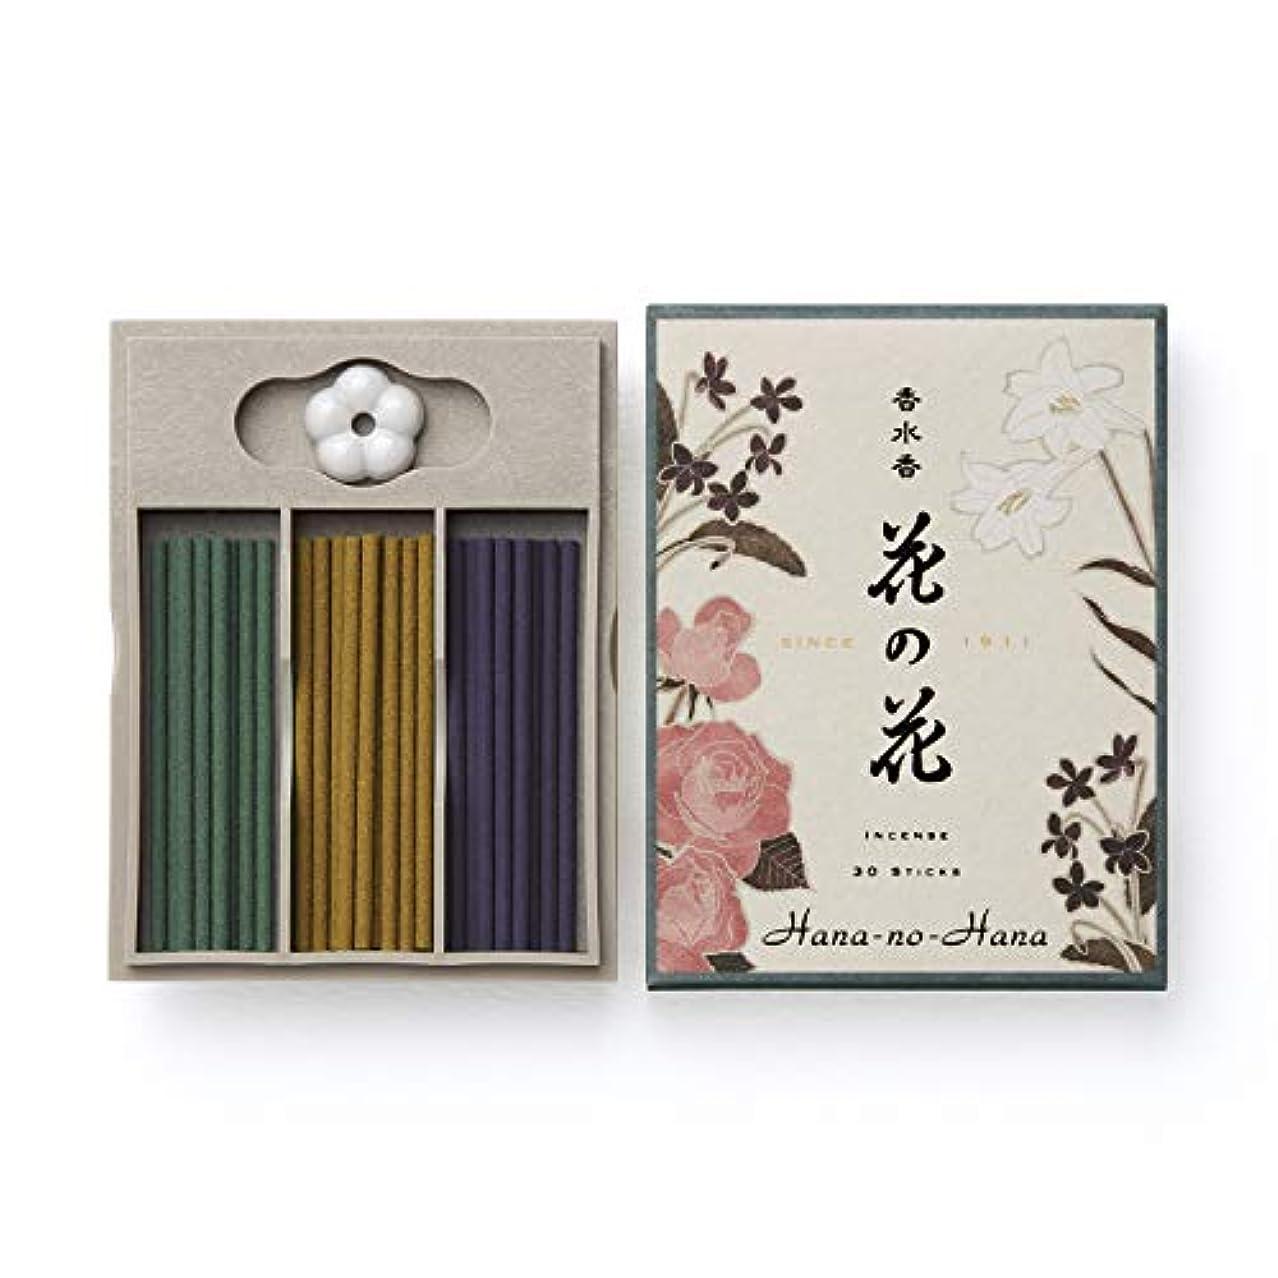 首謀者条件付き石の日本香堂 香水香 花の花 三種入 スティック30本入 ばら?ゆり?すみれ